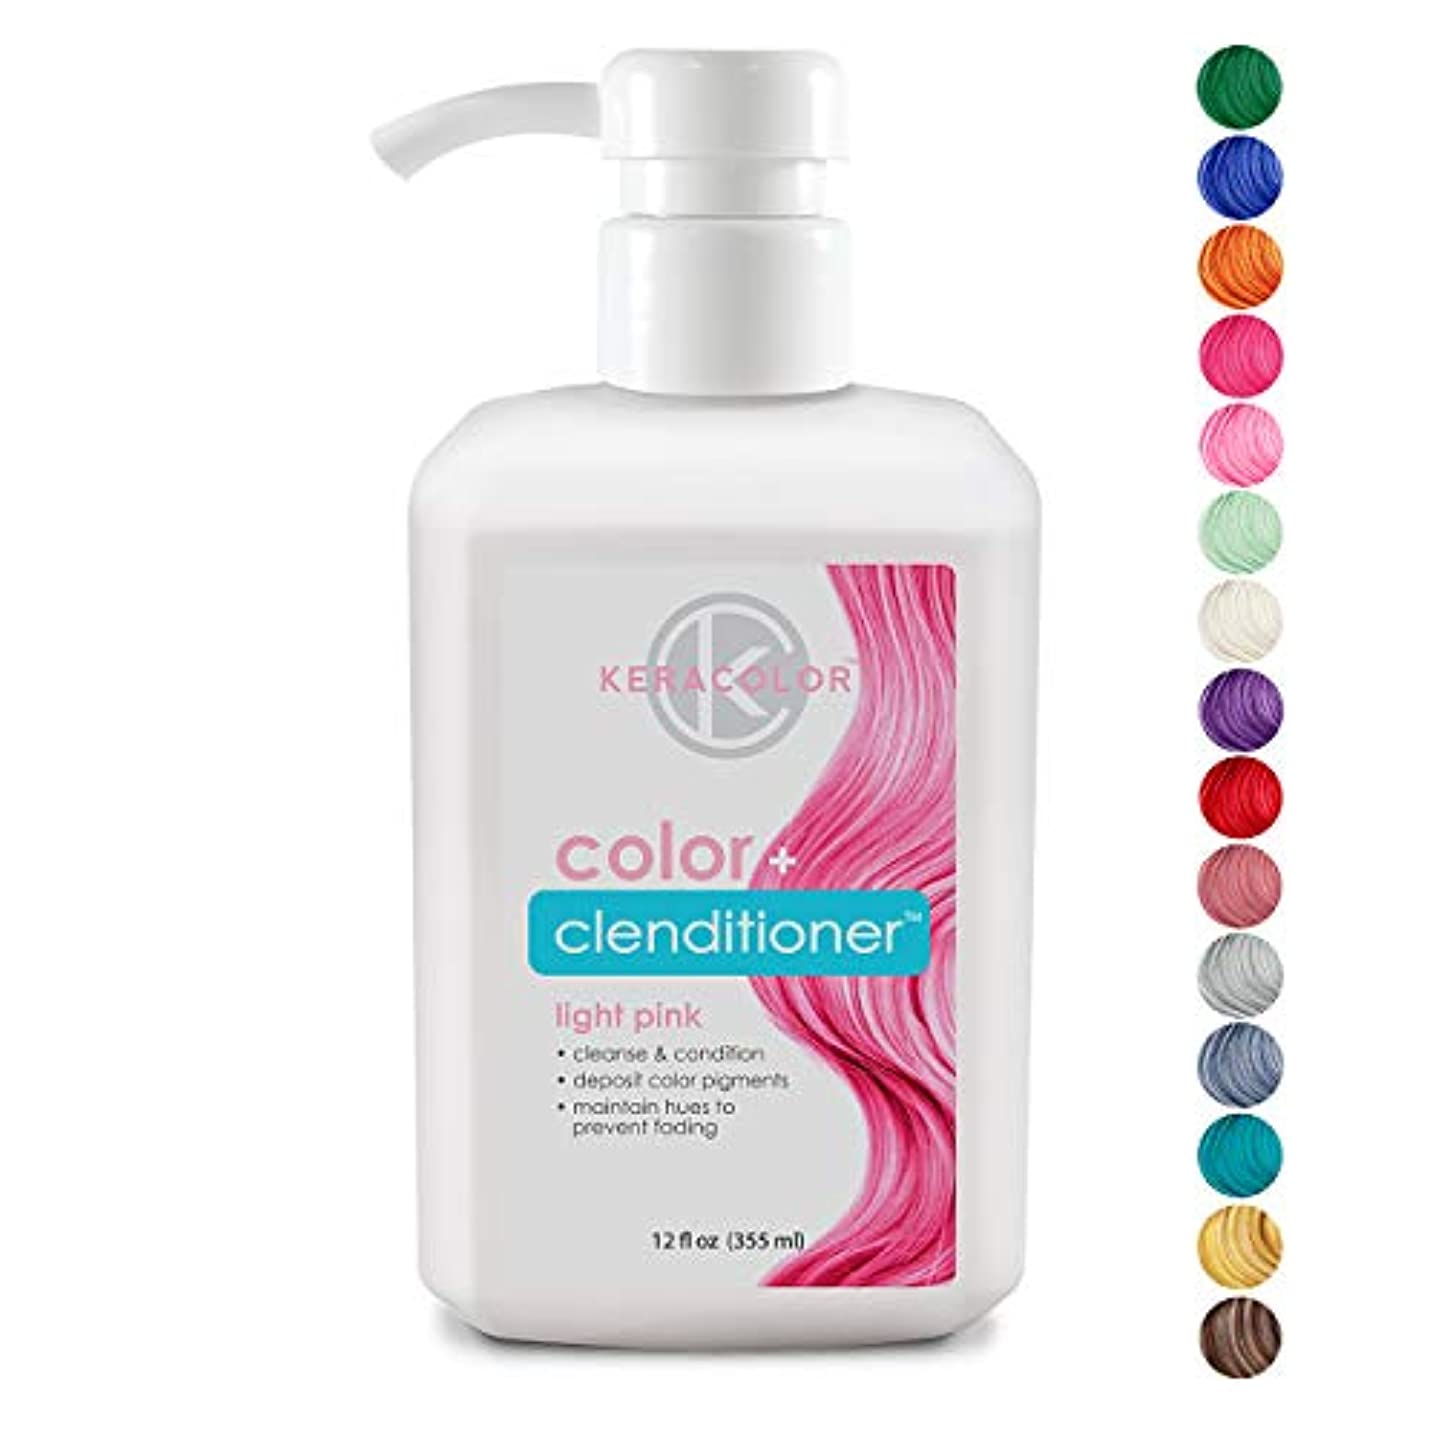 パーク誇大妄想余分なKERACOLOR Keracolor Clenditioner色の堆積コンディショナーColorwash、12 FL。オンス 12オンス ライトピンク